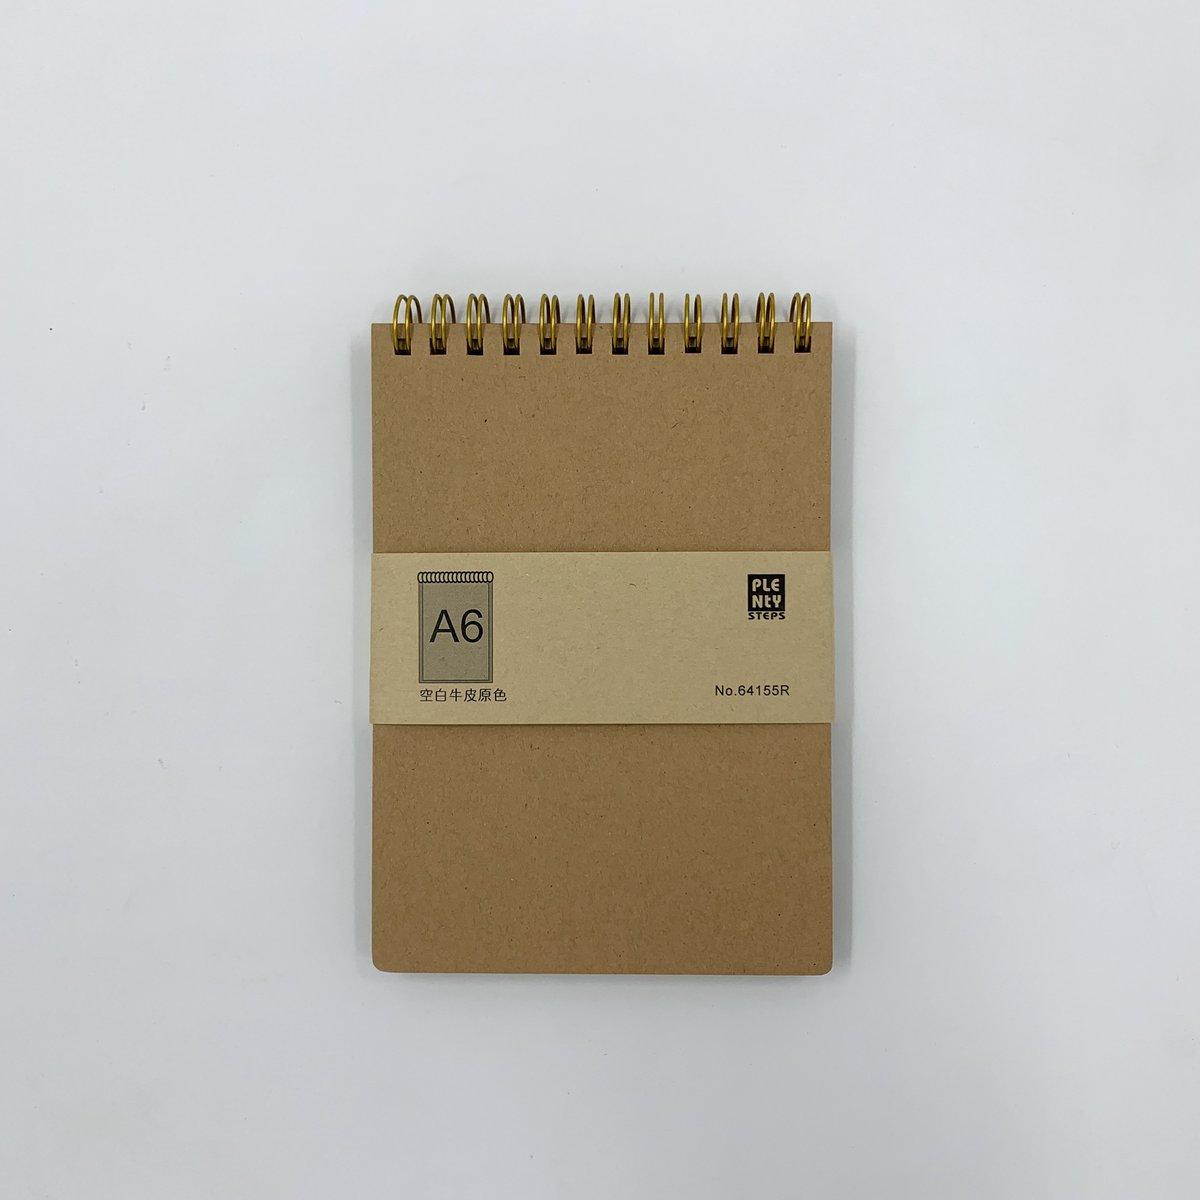 #64155R A6 特厚面 雙圈牛皮筆記簿 - 3本